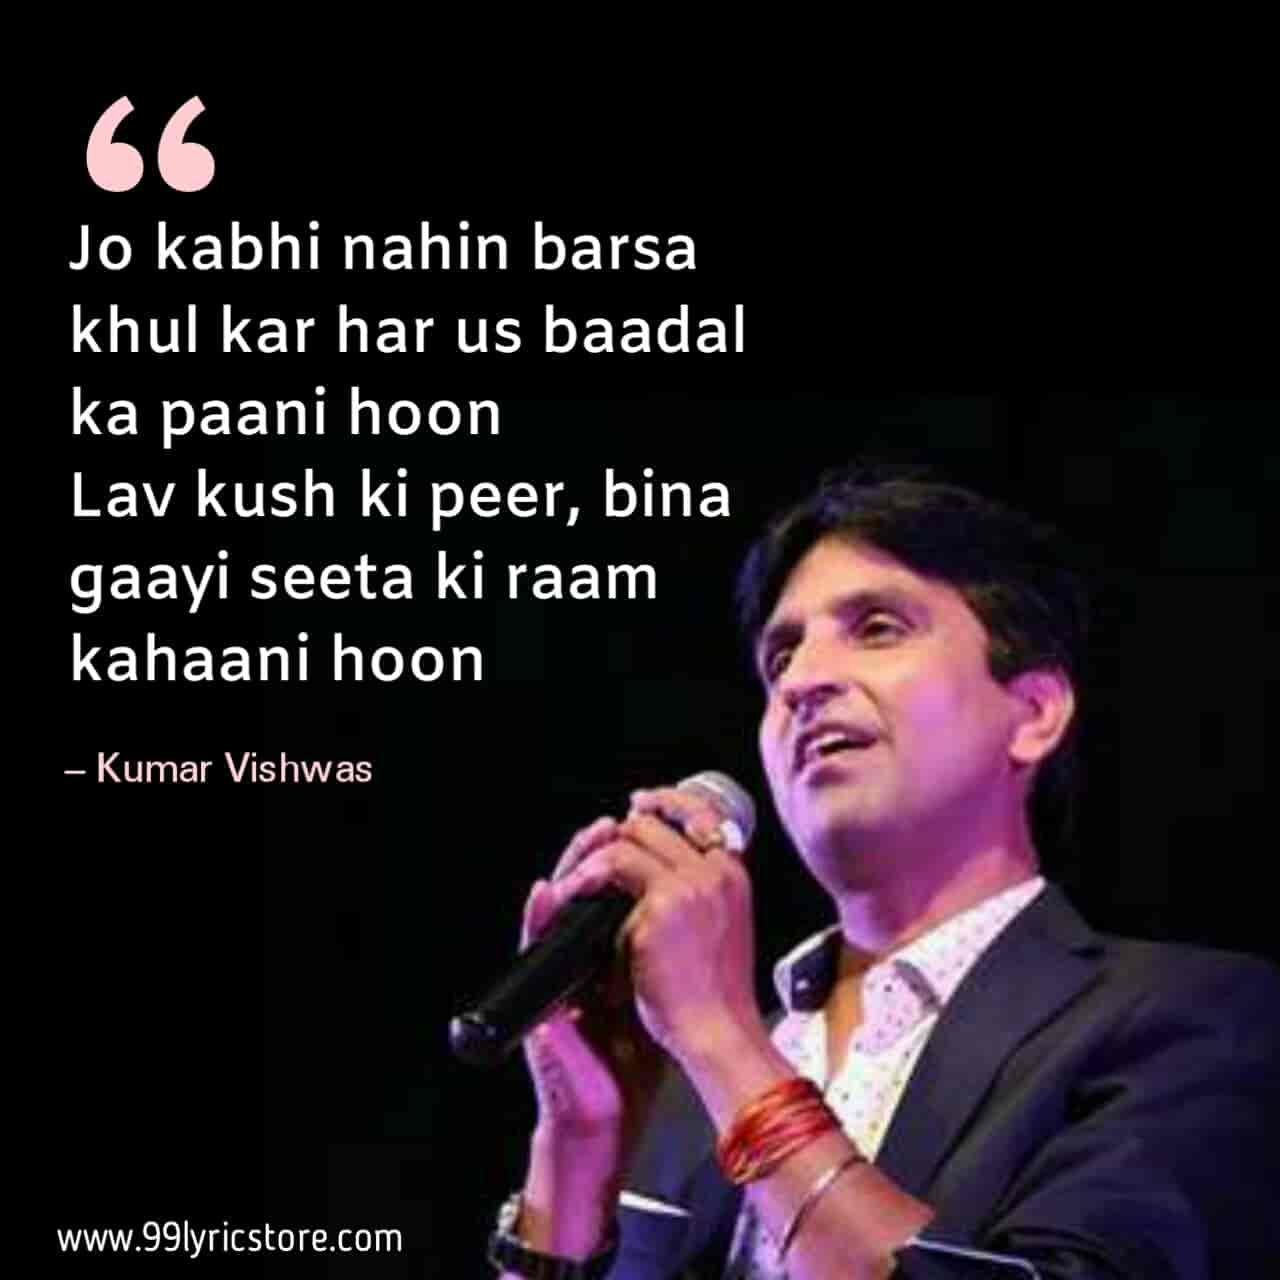 This beautiful Poem 'Hajaaron Raat Ka Jaaga Hoon' and 'Mai Bhaav-soochi' has written and performed by Kumar Vishwas on the stage of Sahitya Tak.